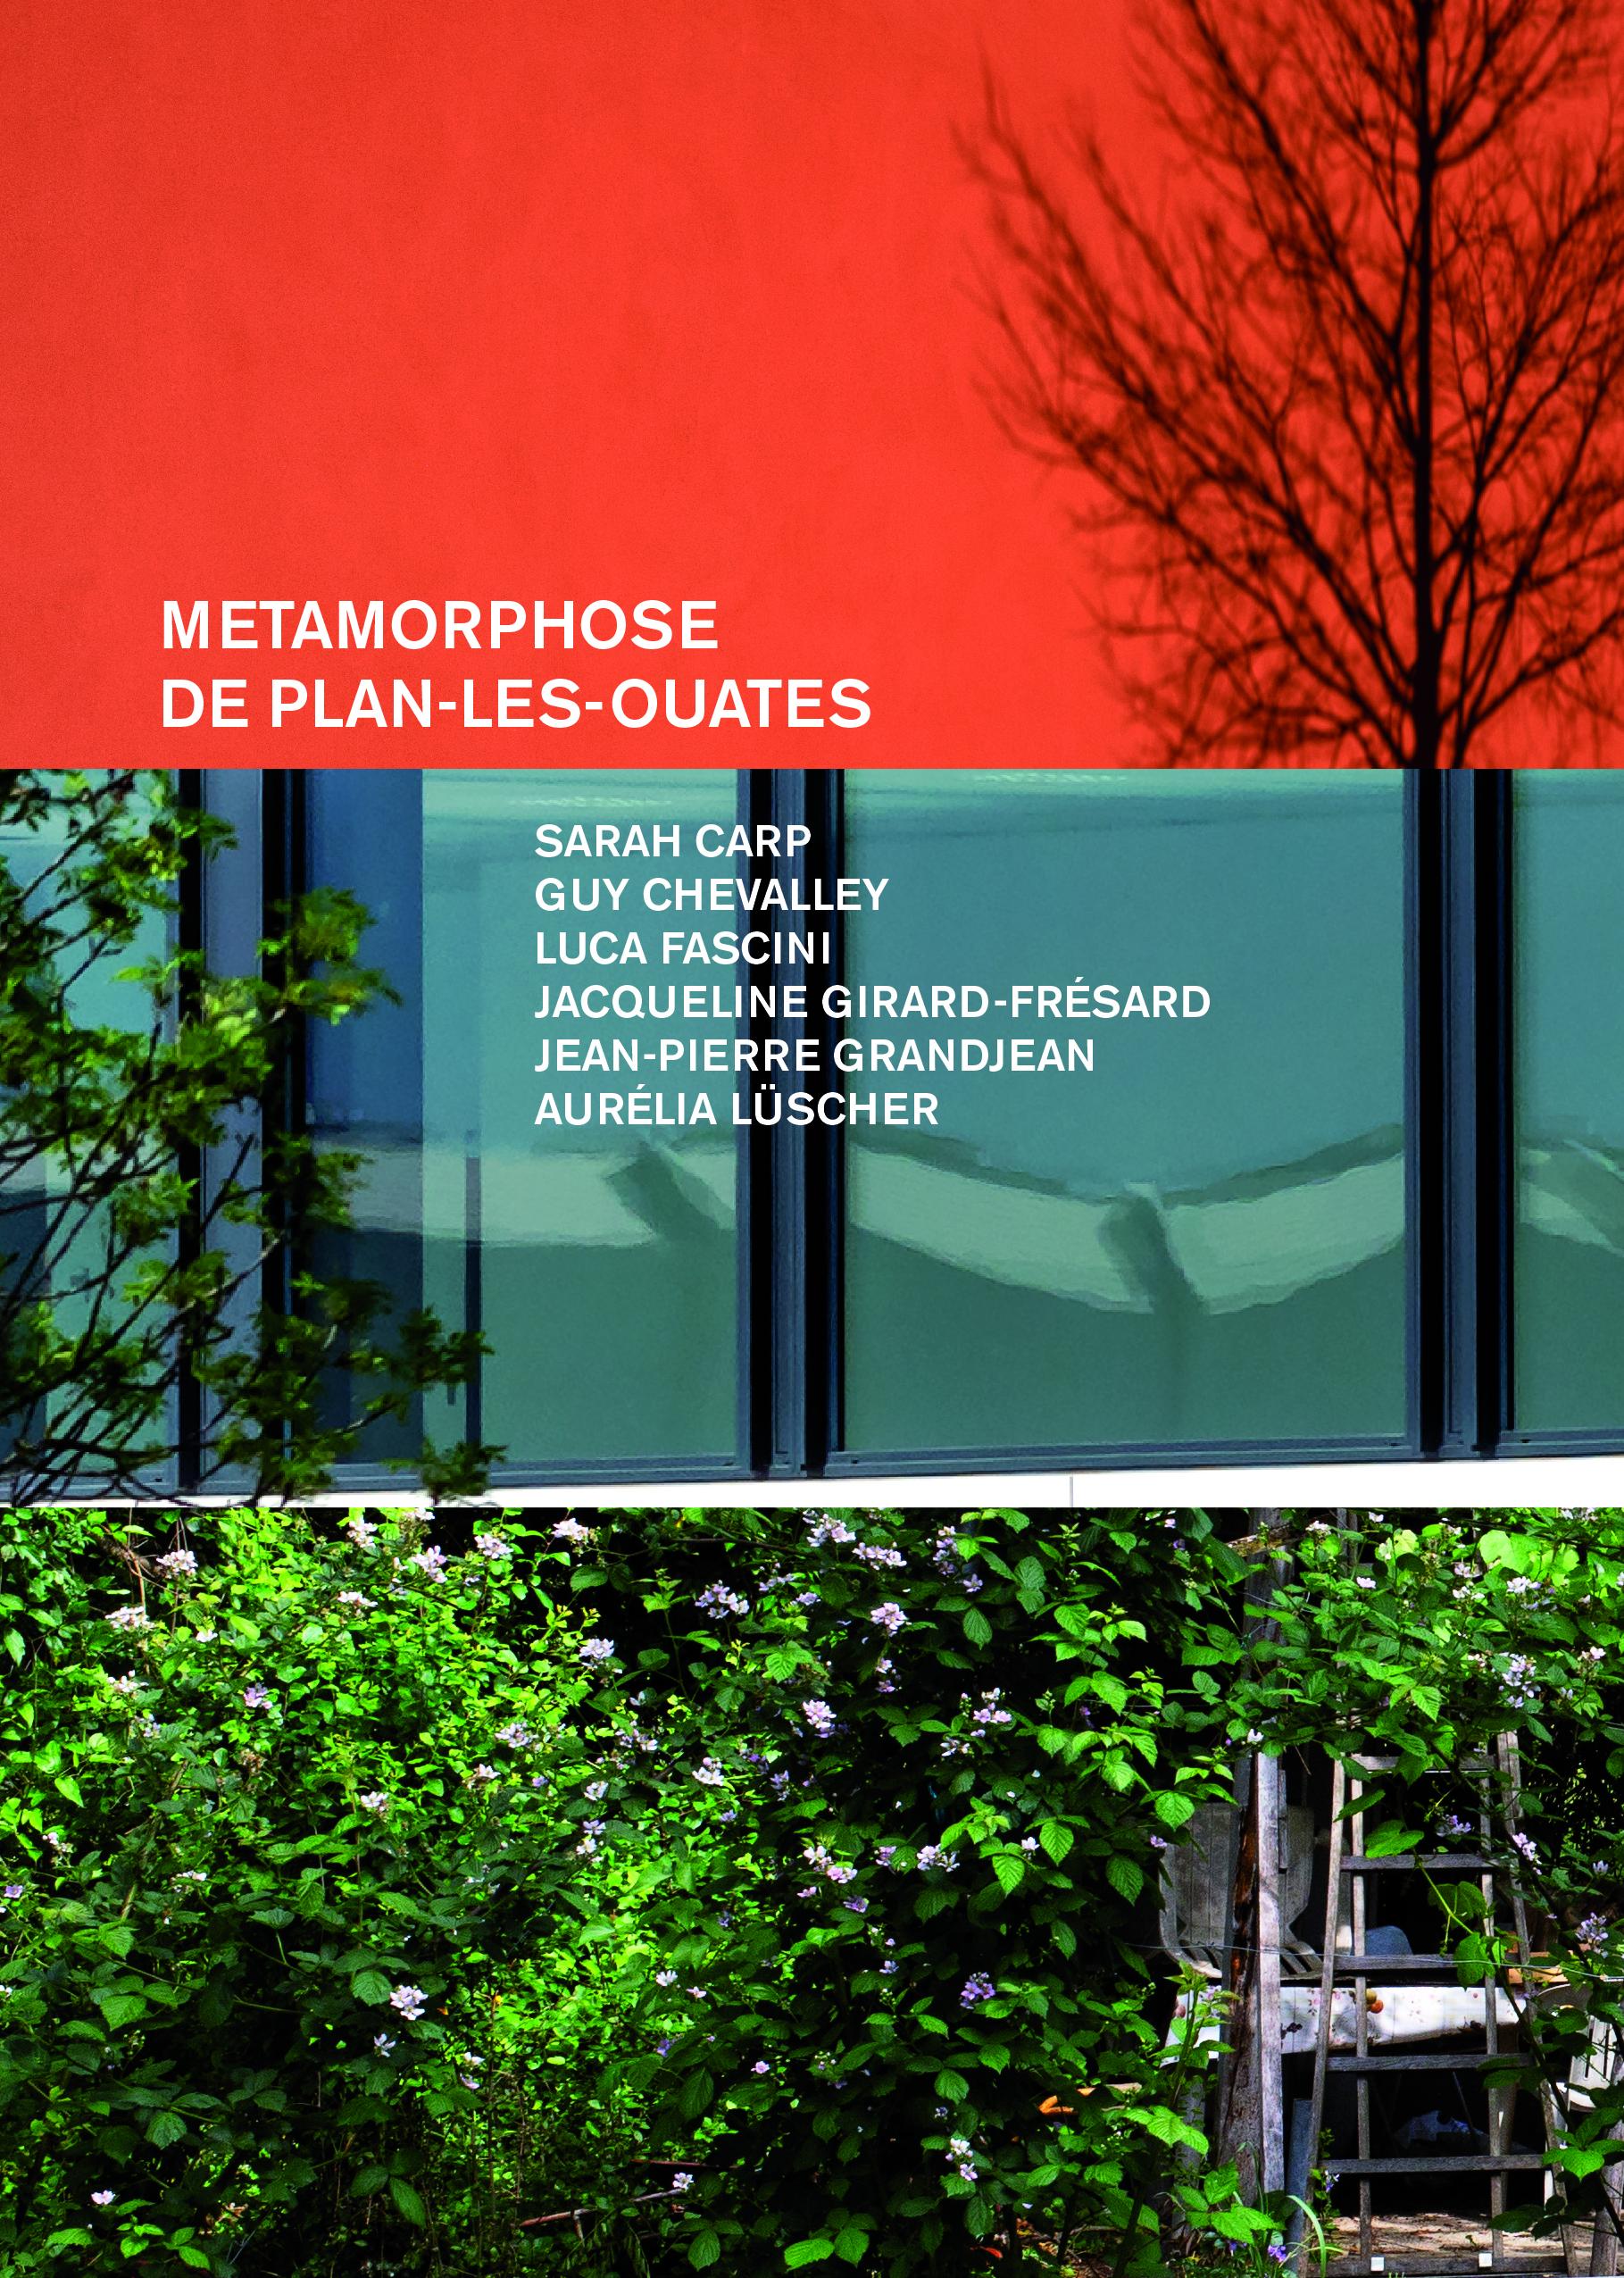 Exposition Métamorphose de Plan-les-Ouates